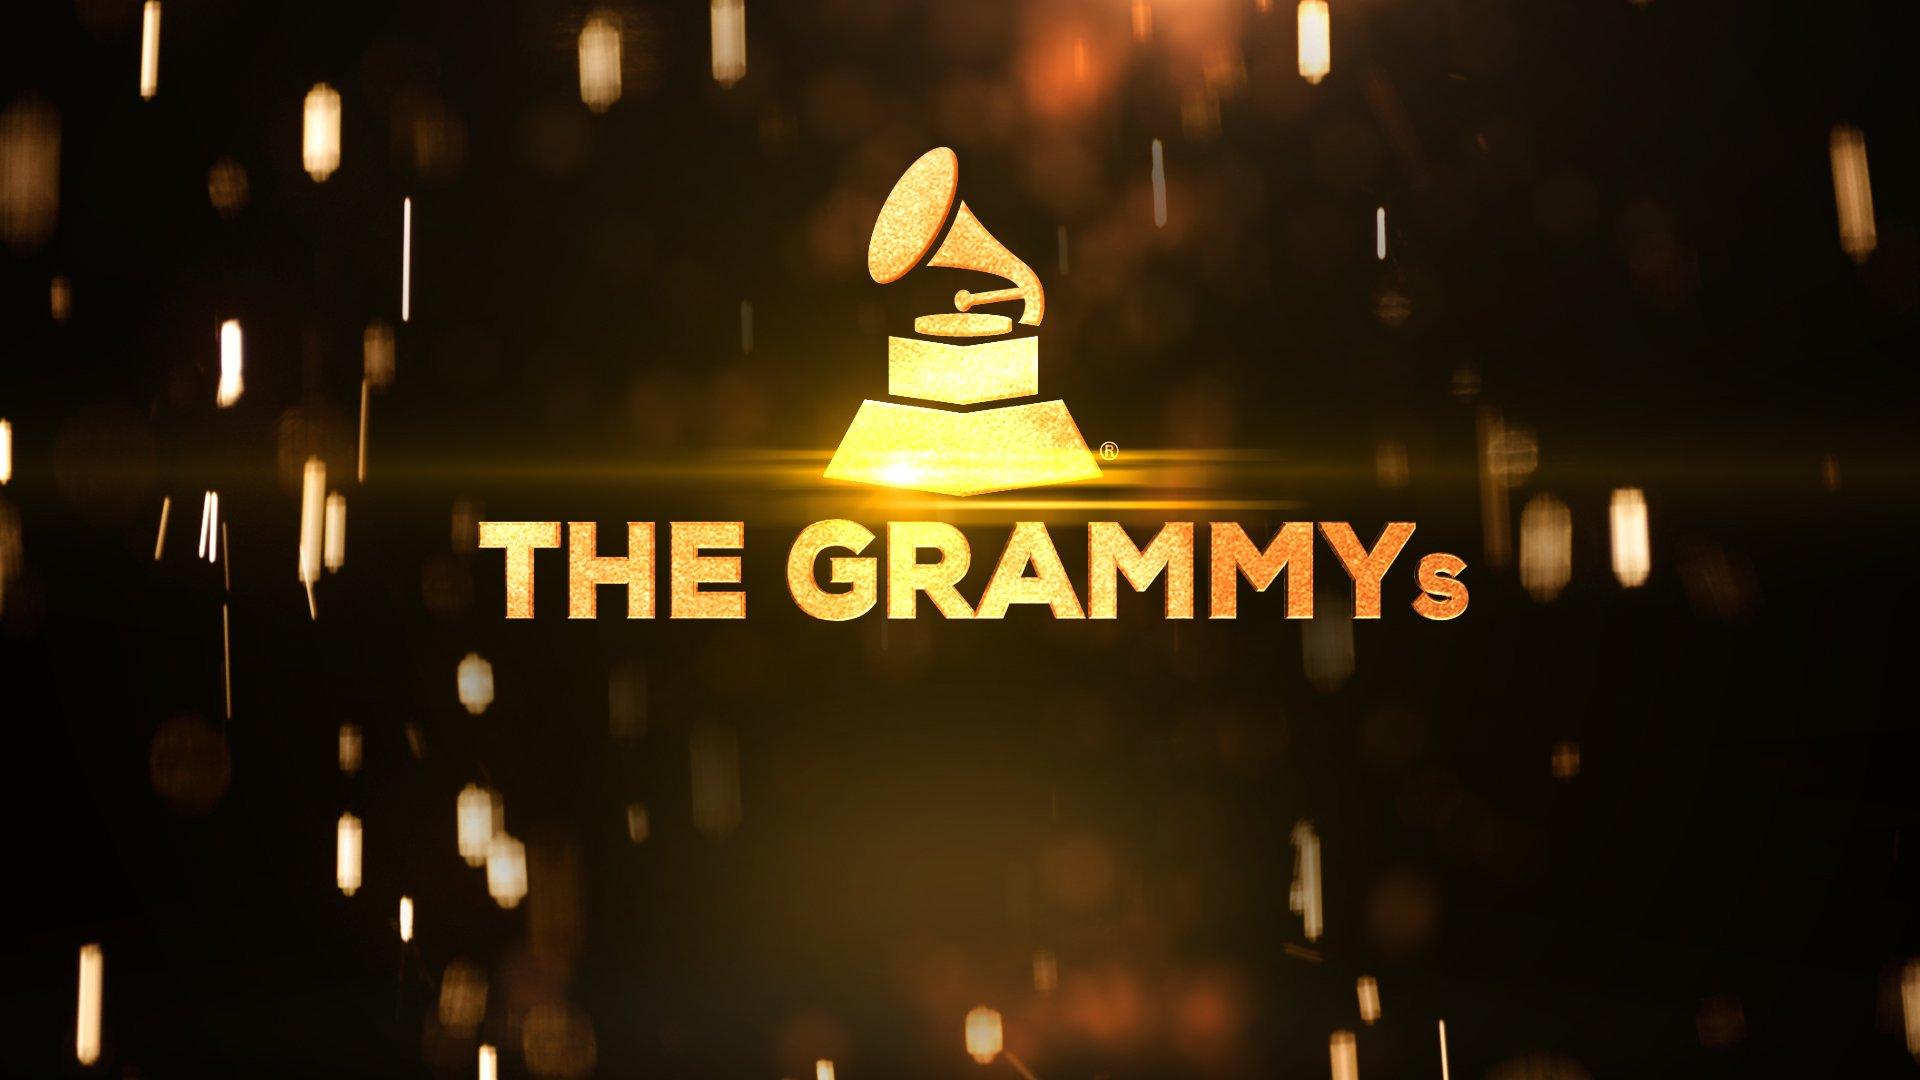 the grammys 2018.jpg?resize=1200,630 - Grammy 2018 : pour la 1ère fois, aucun homme blanc n'est nominé pour l'Album de l'année